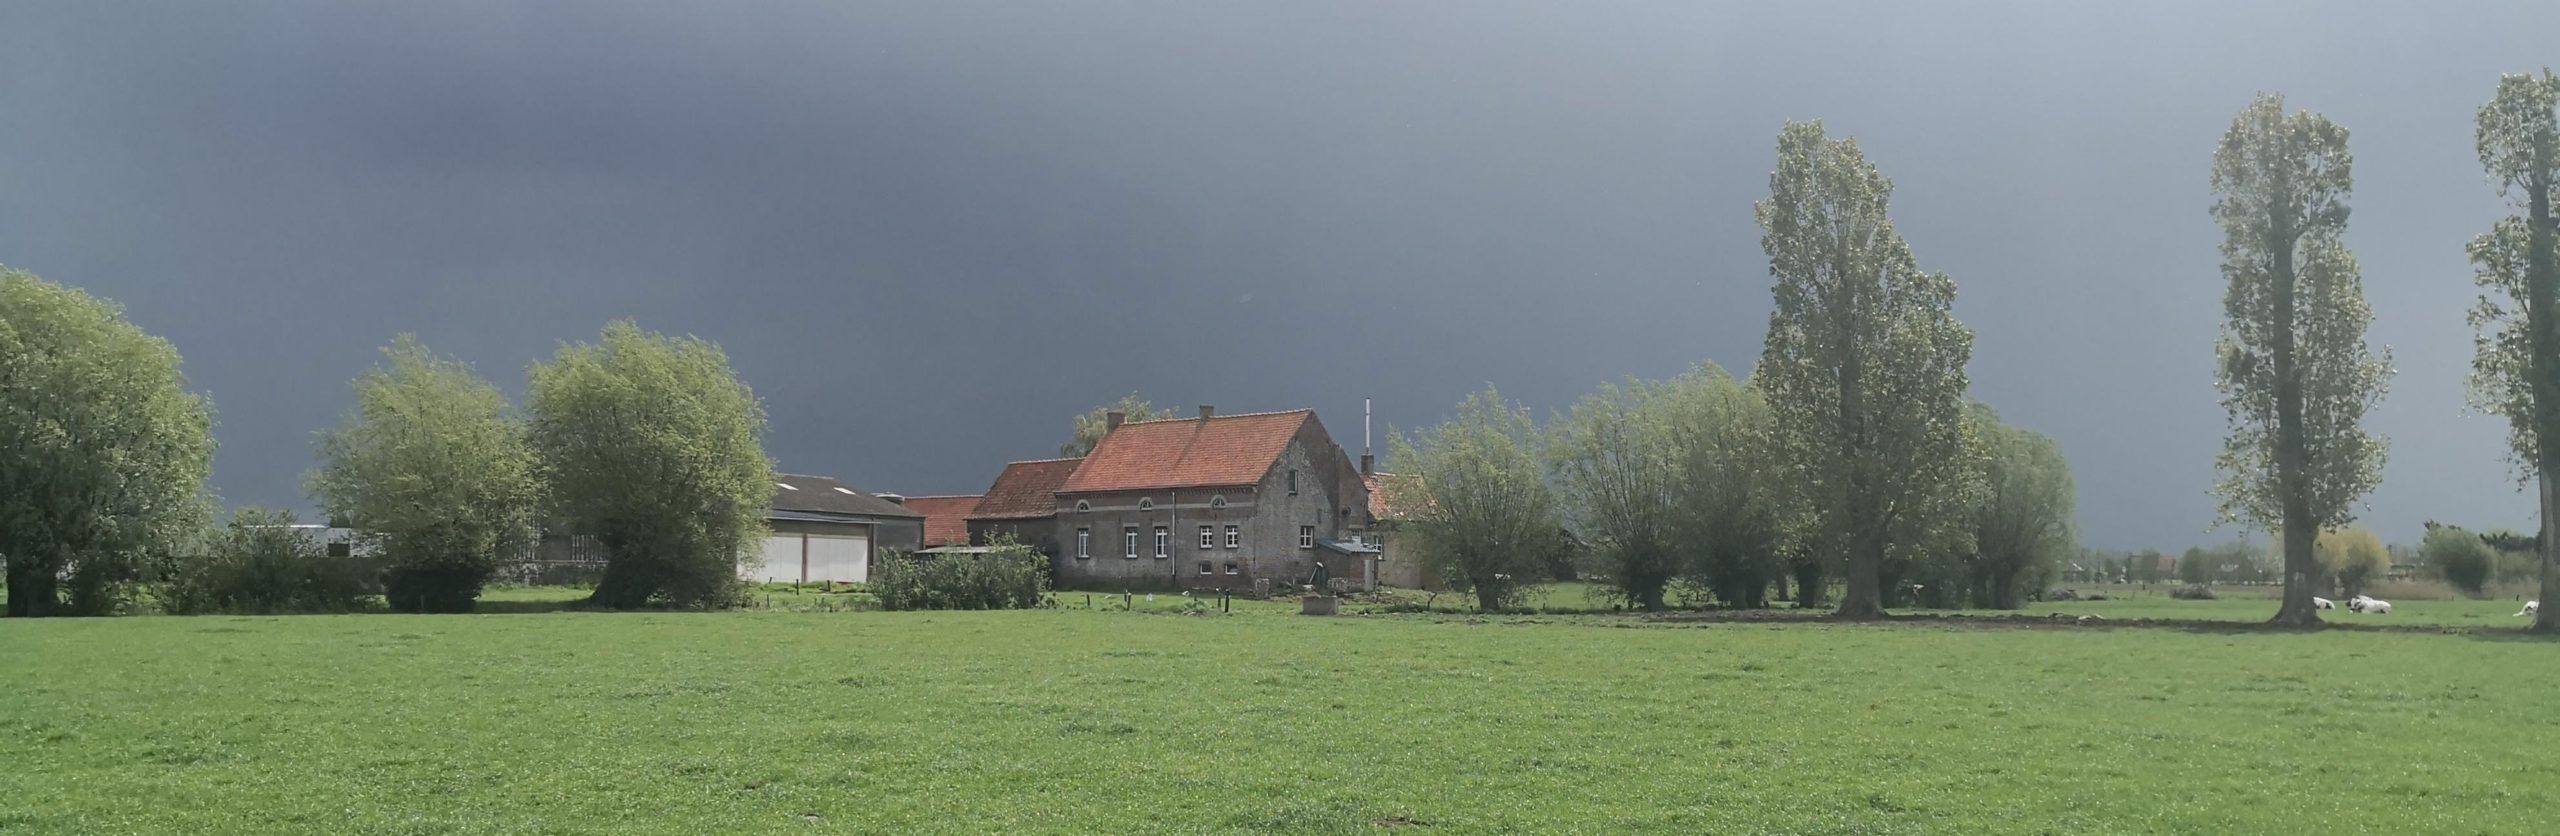 Oostvleteren encore une ferme avec une cave à fenetres